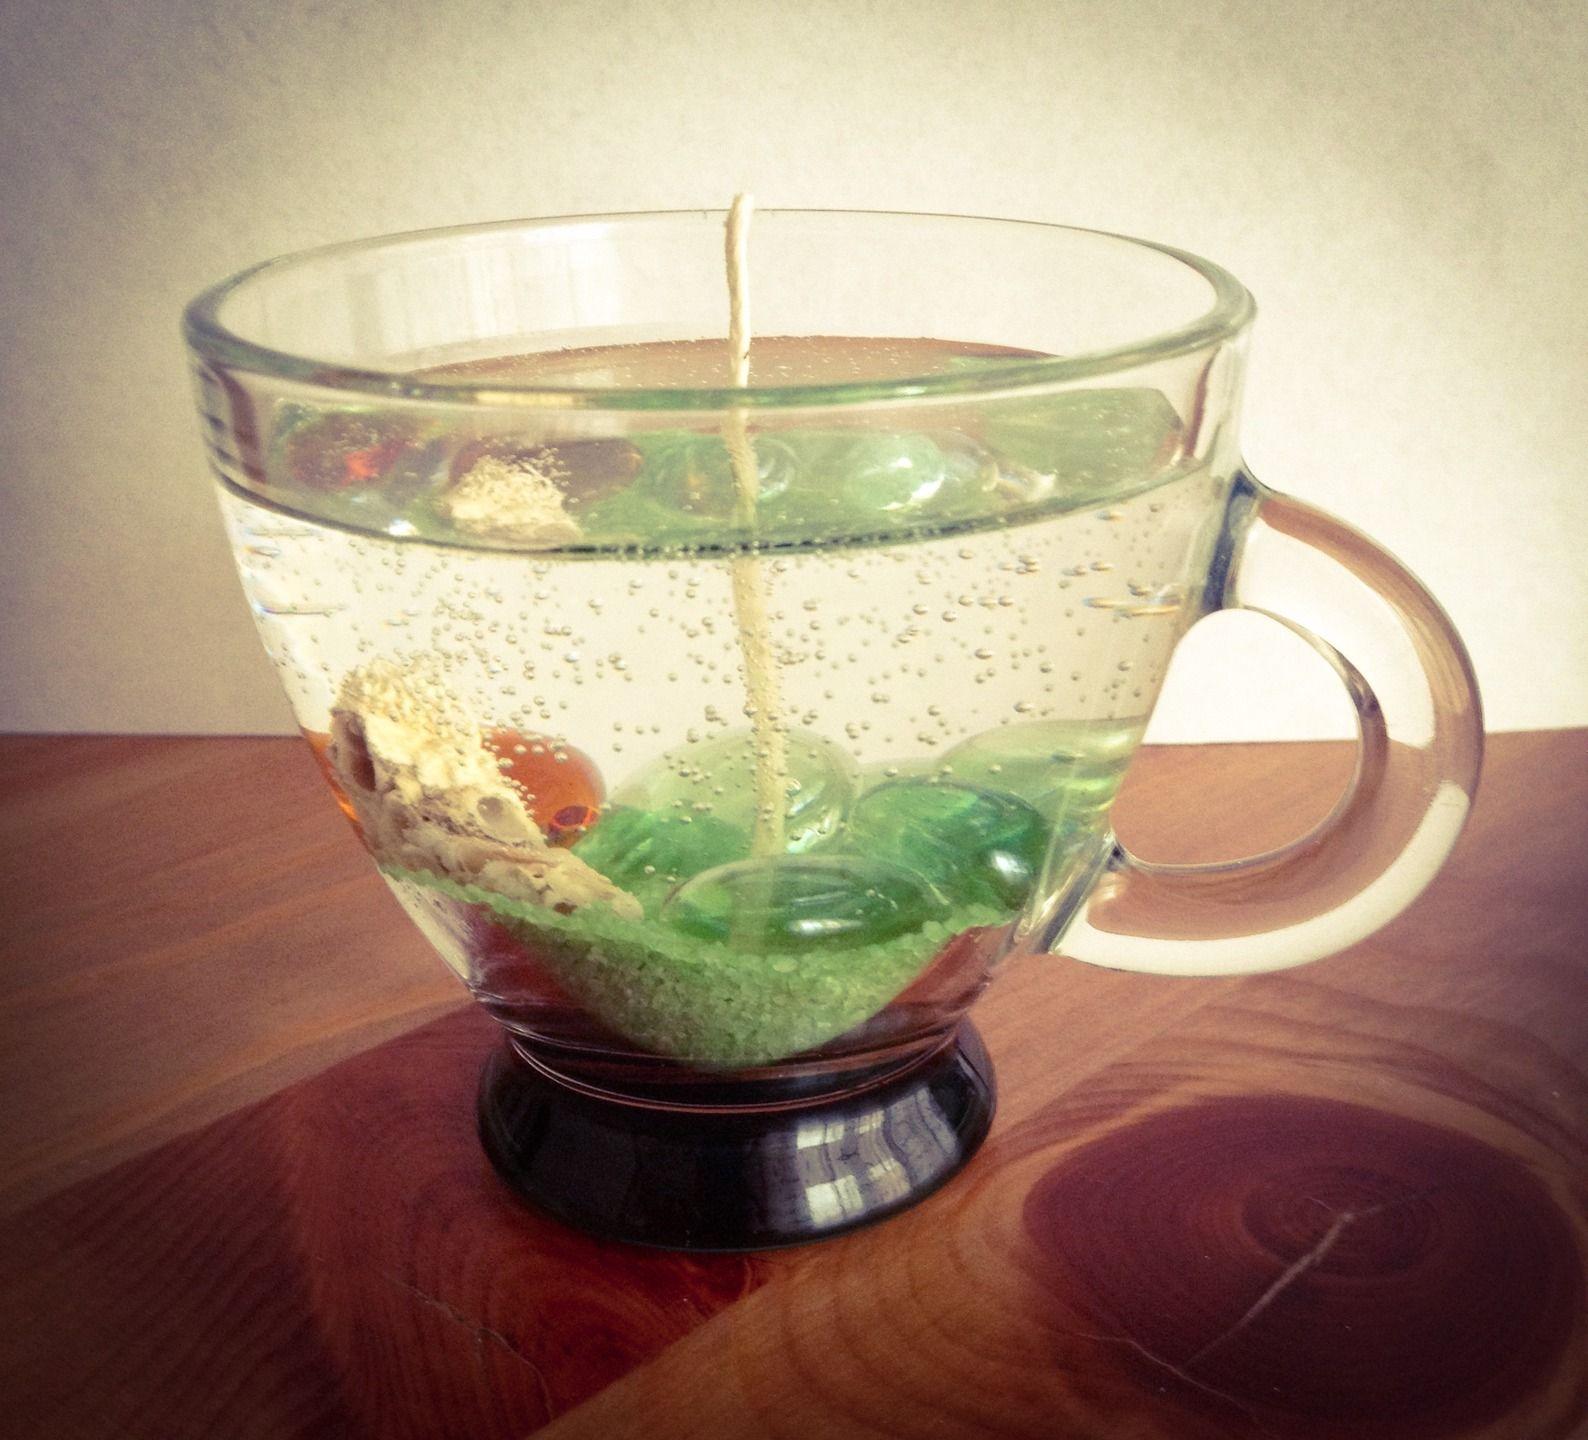 Candela di cera gel trasparente in tazza di vetro - Candele di cera fatte in casa ...